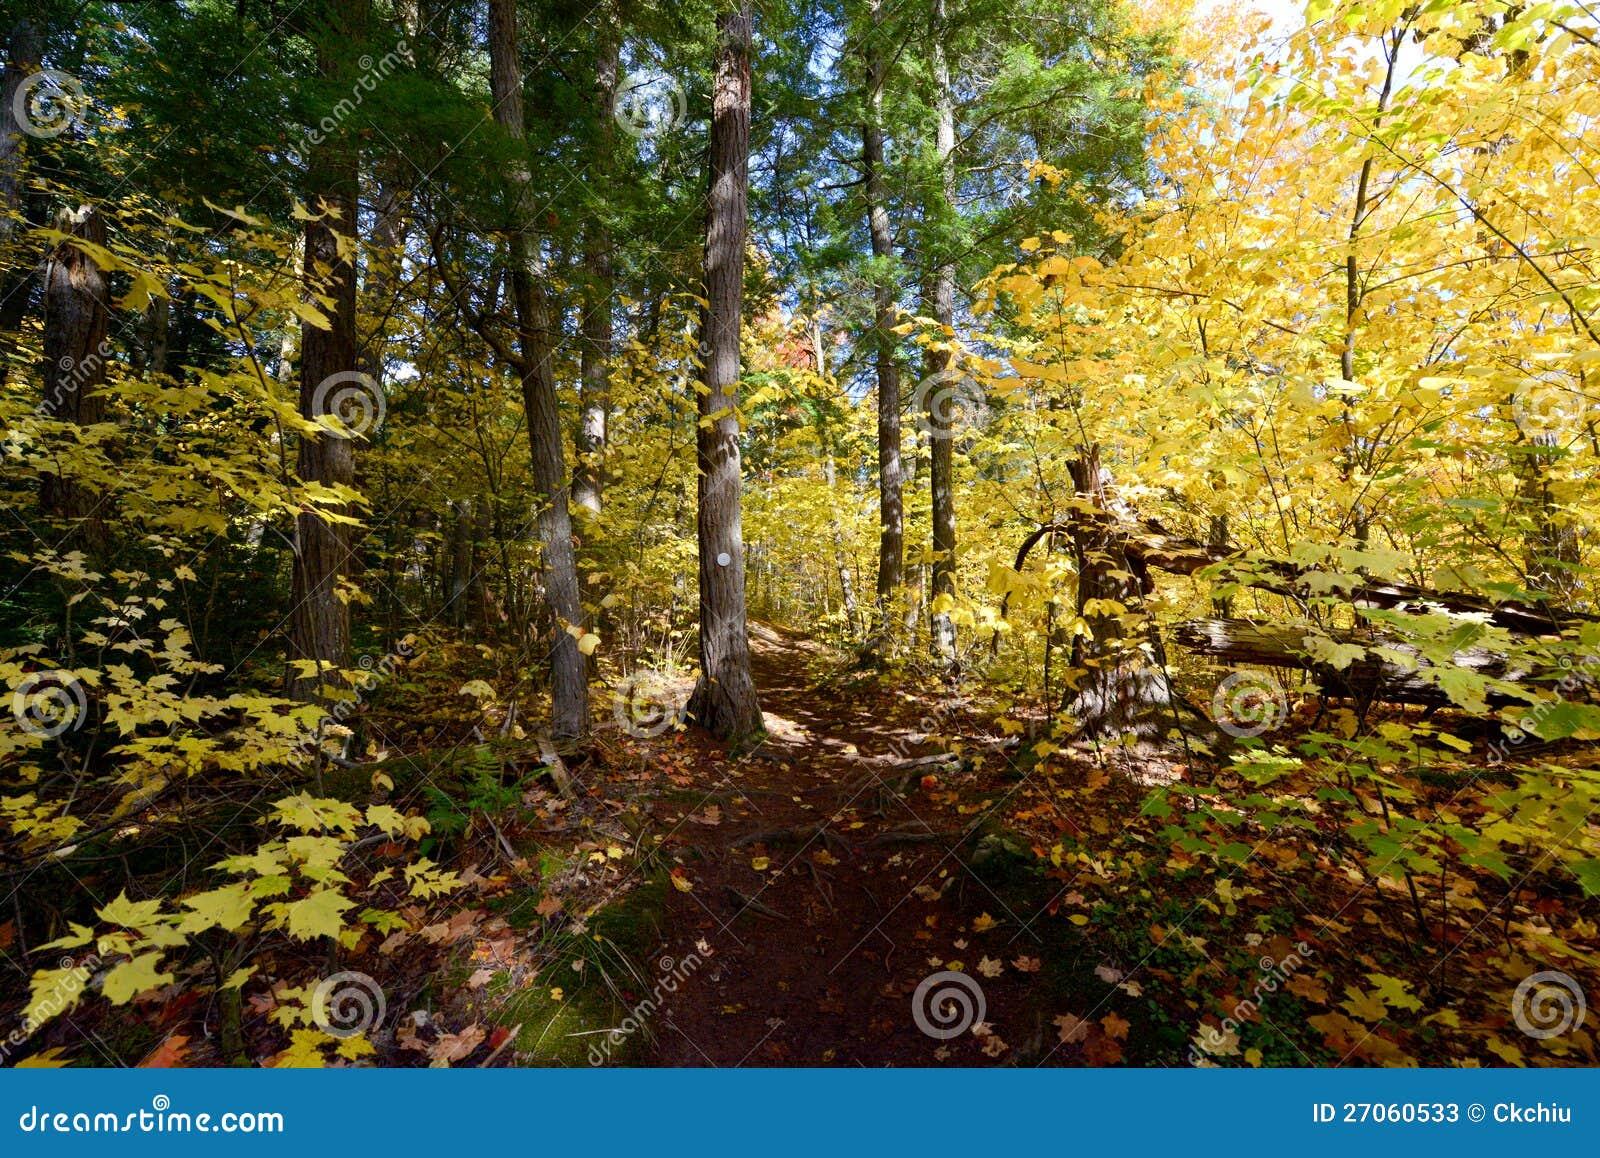 Wald Im Algonquin Park Kanada Stockbild Bild Von Herbst Blatt